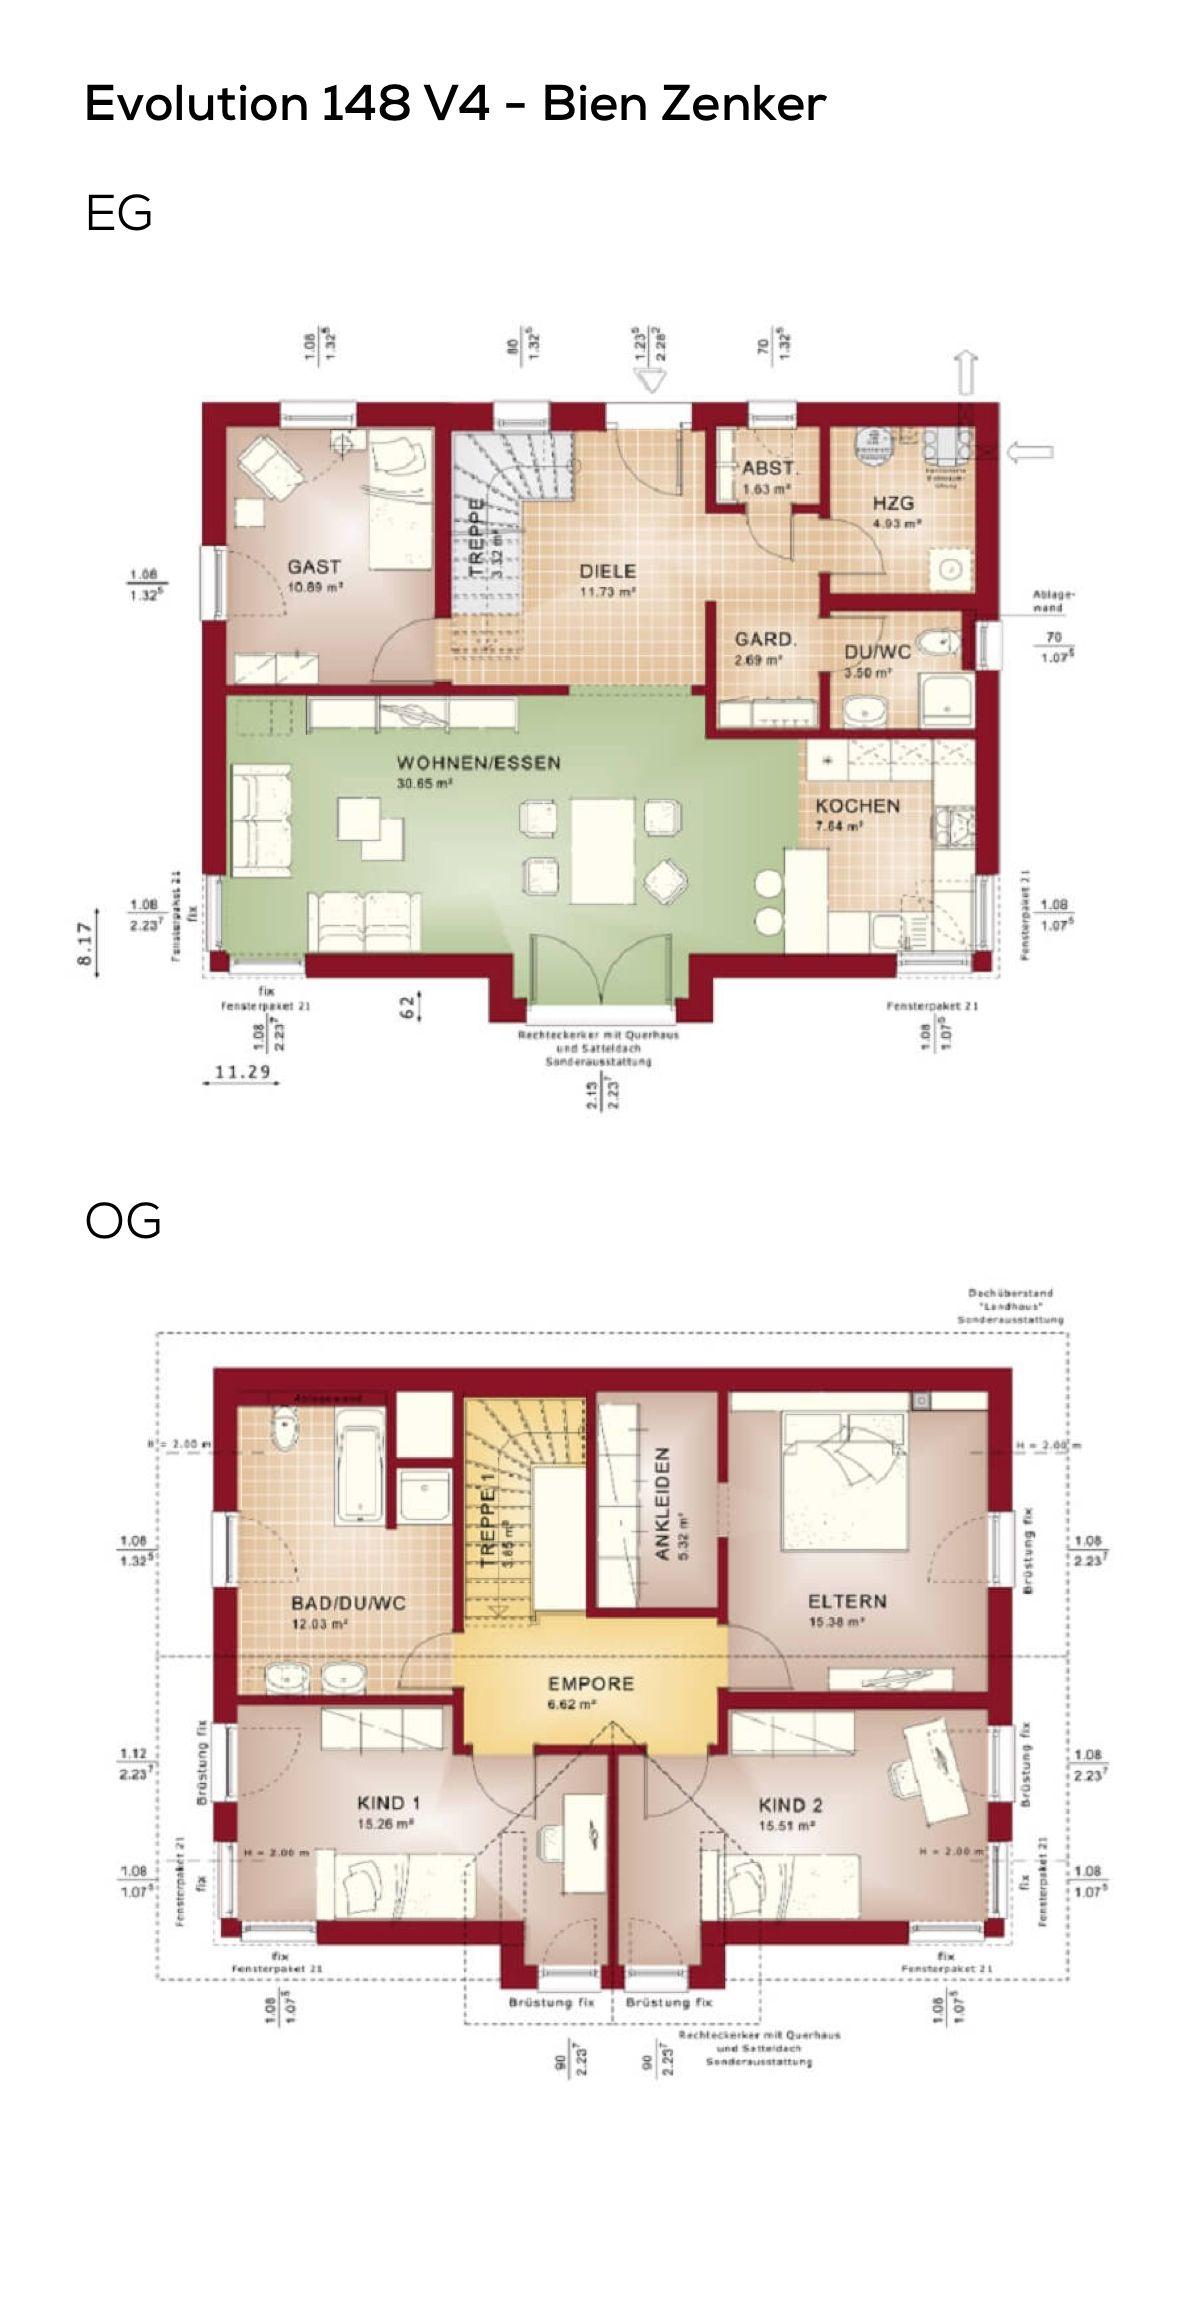 grundriss stadtvilla 150 qm wohnflche 5 zimmer satteldach architektur mediterran erdgeschoss obergeschoss grundrisse haus evolution 148 v4 bien